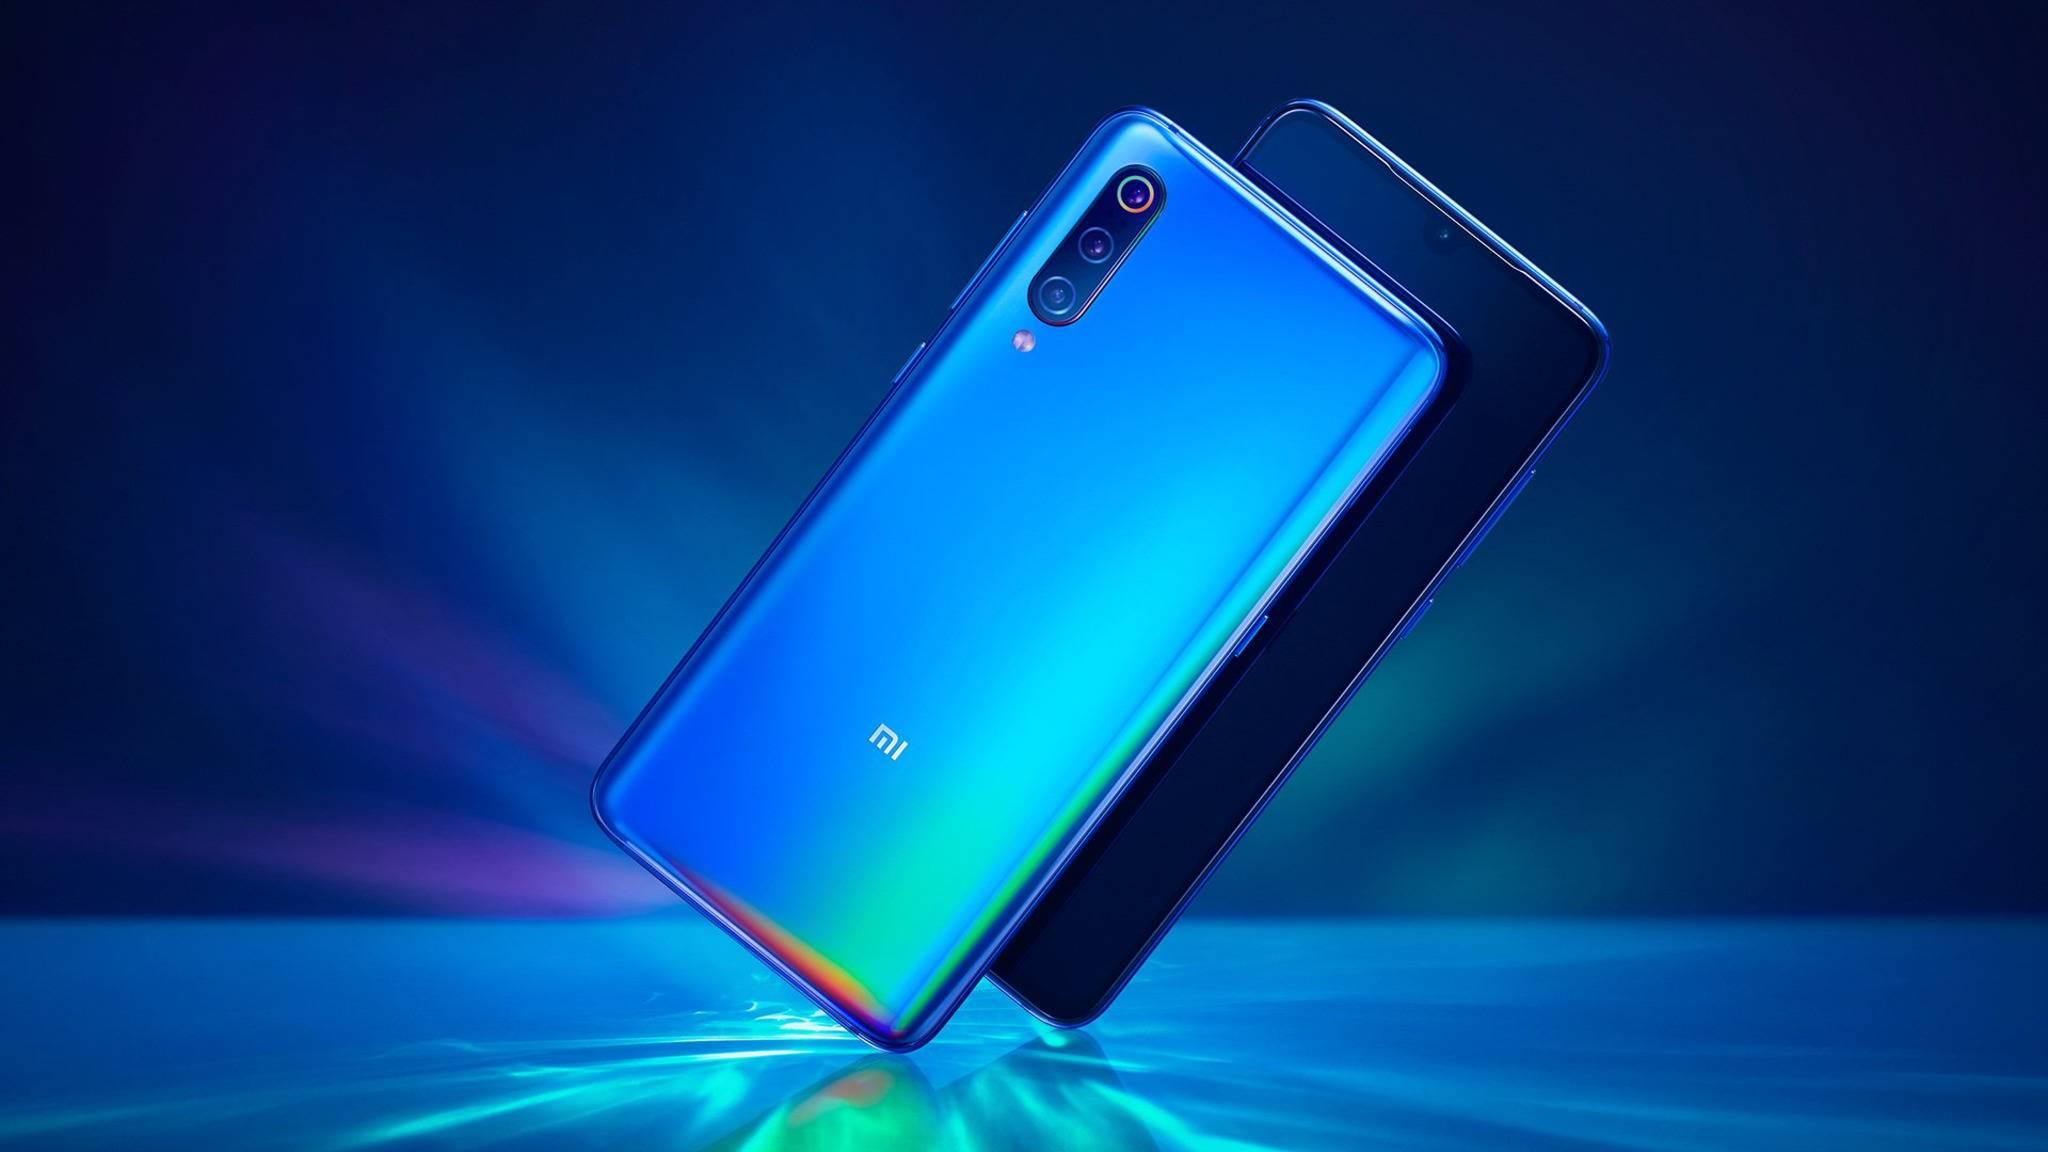 Ein Sondermodell des Xiaomi Mi 9 wurde nun mit einer In-Display-Kamera ausgestattet.